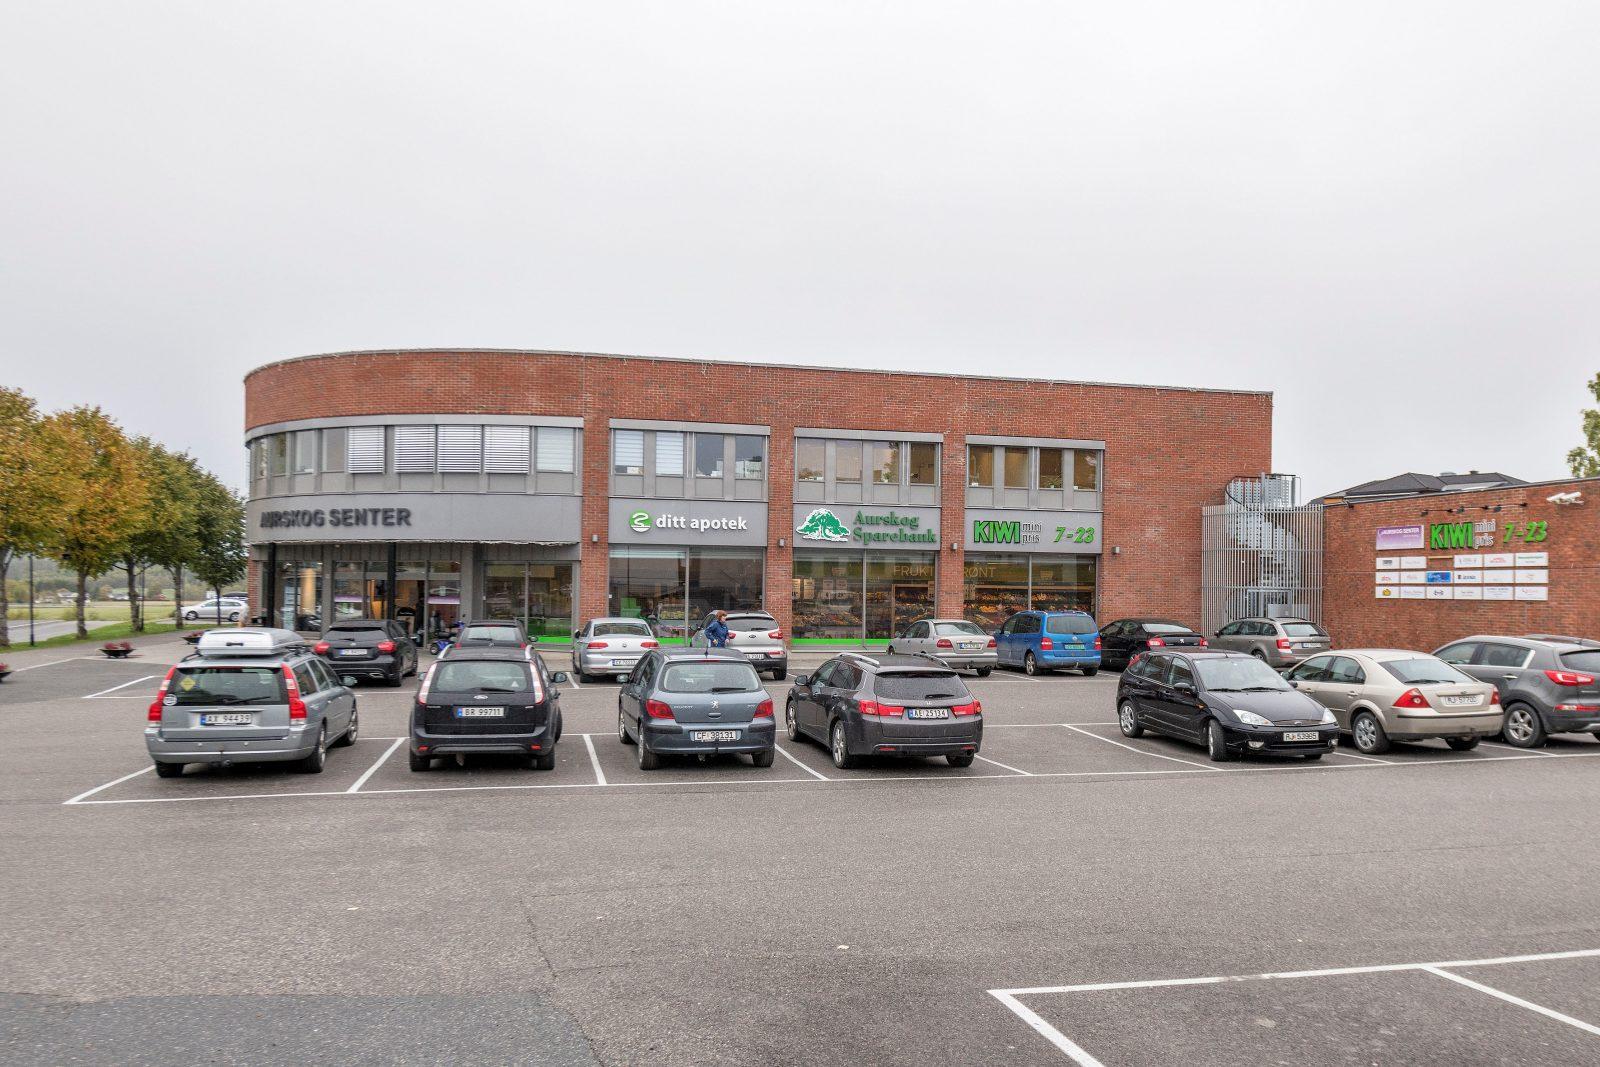 Parkering for kunder / hovedinngang til senteret